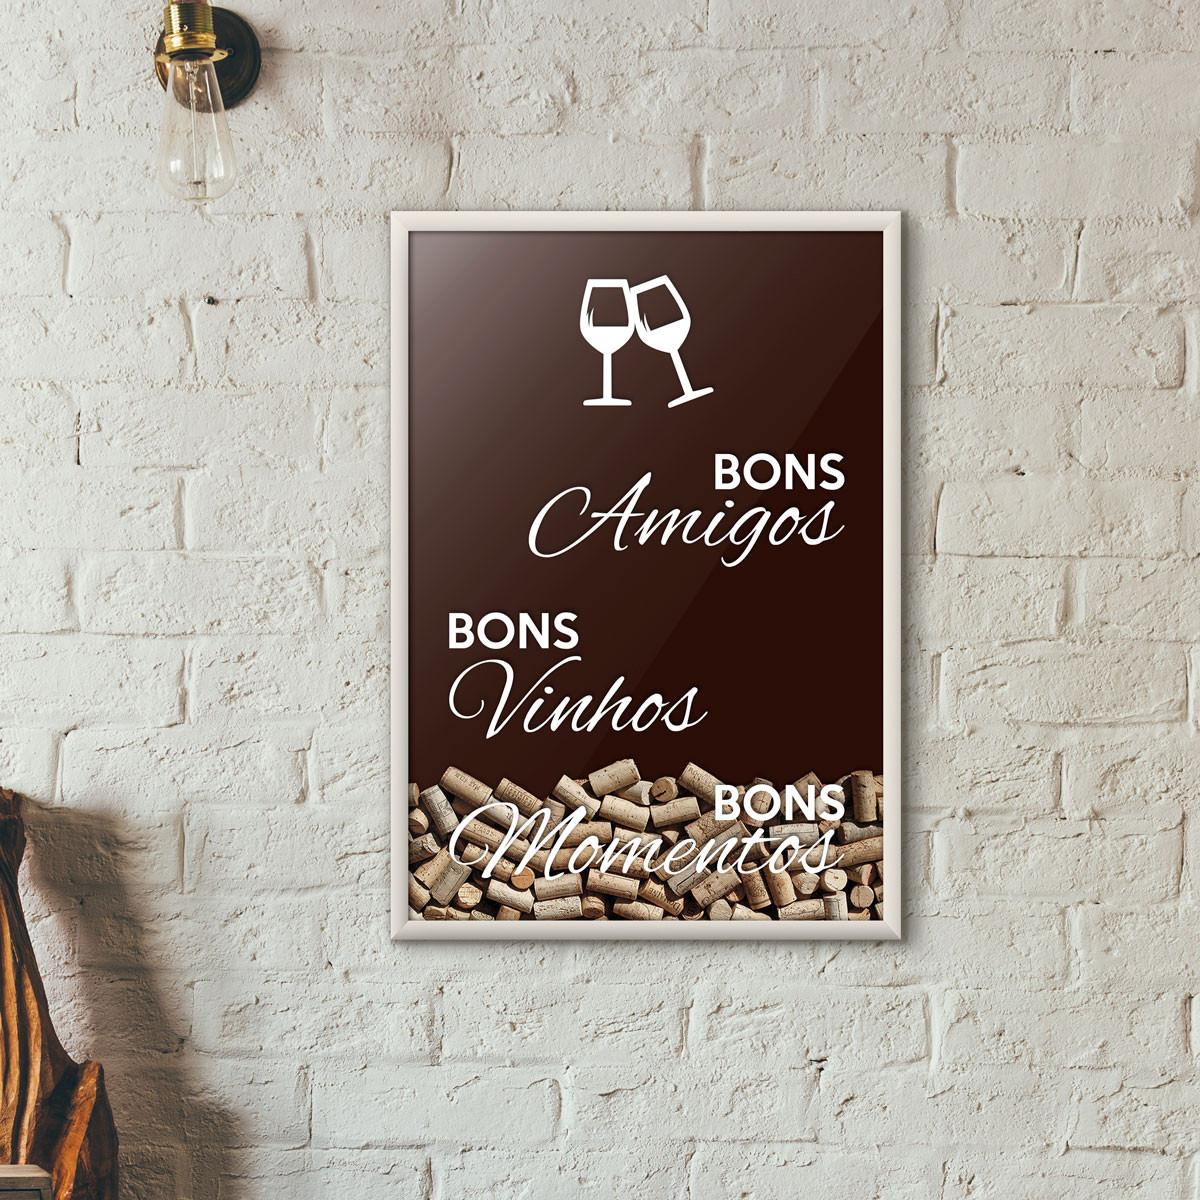 """Quadro Porta Rolhas de Vinho - """"Bons Amigos Bons Vinhos Bons Momentos"""" (Moldura Branca)"""